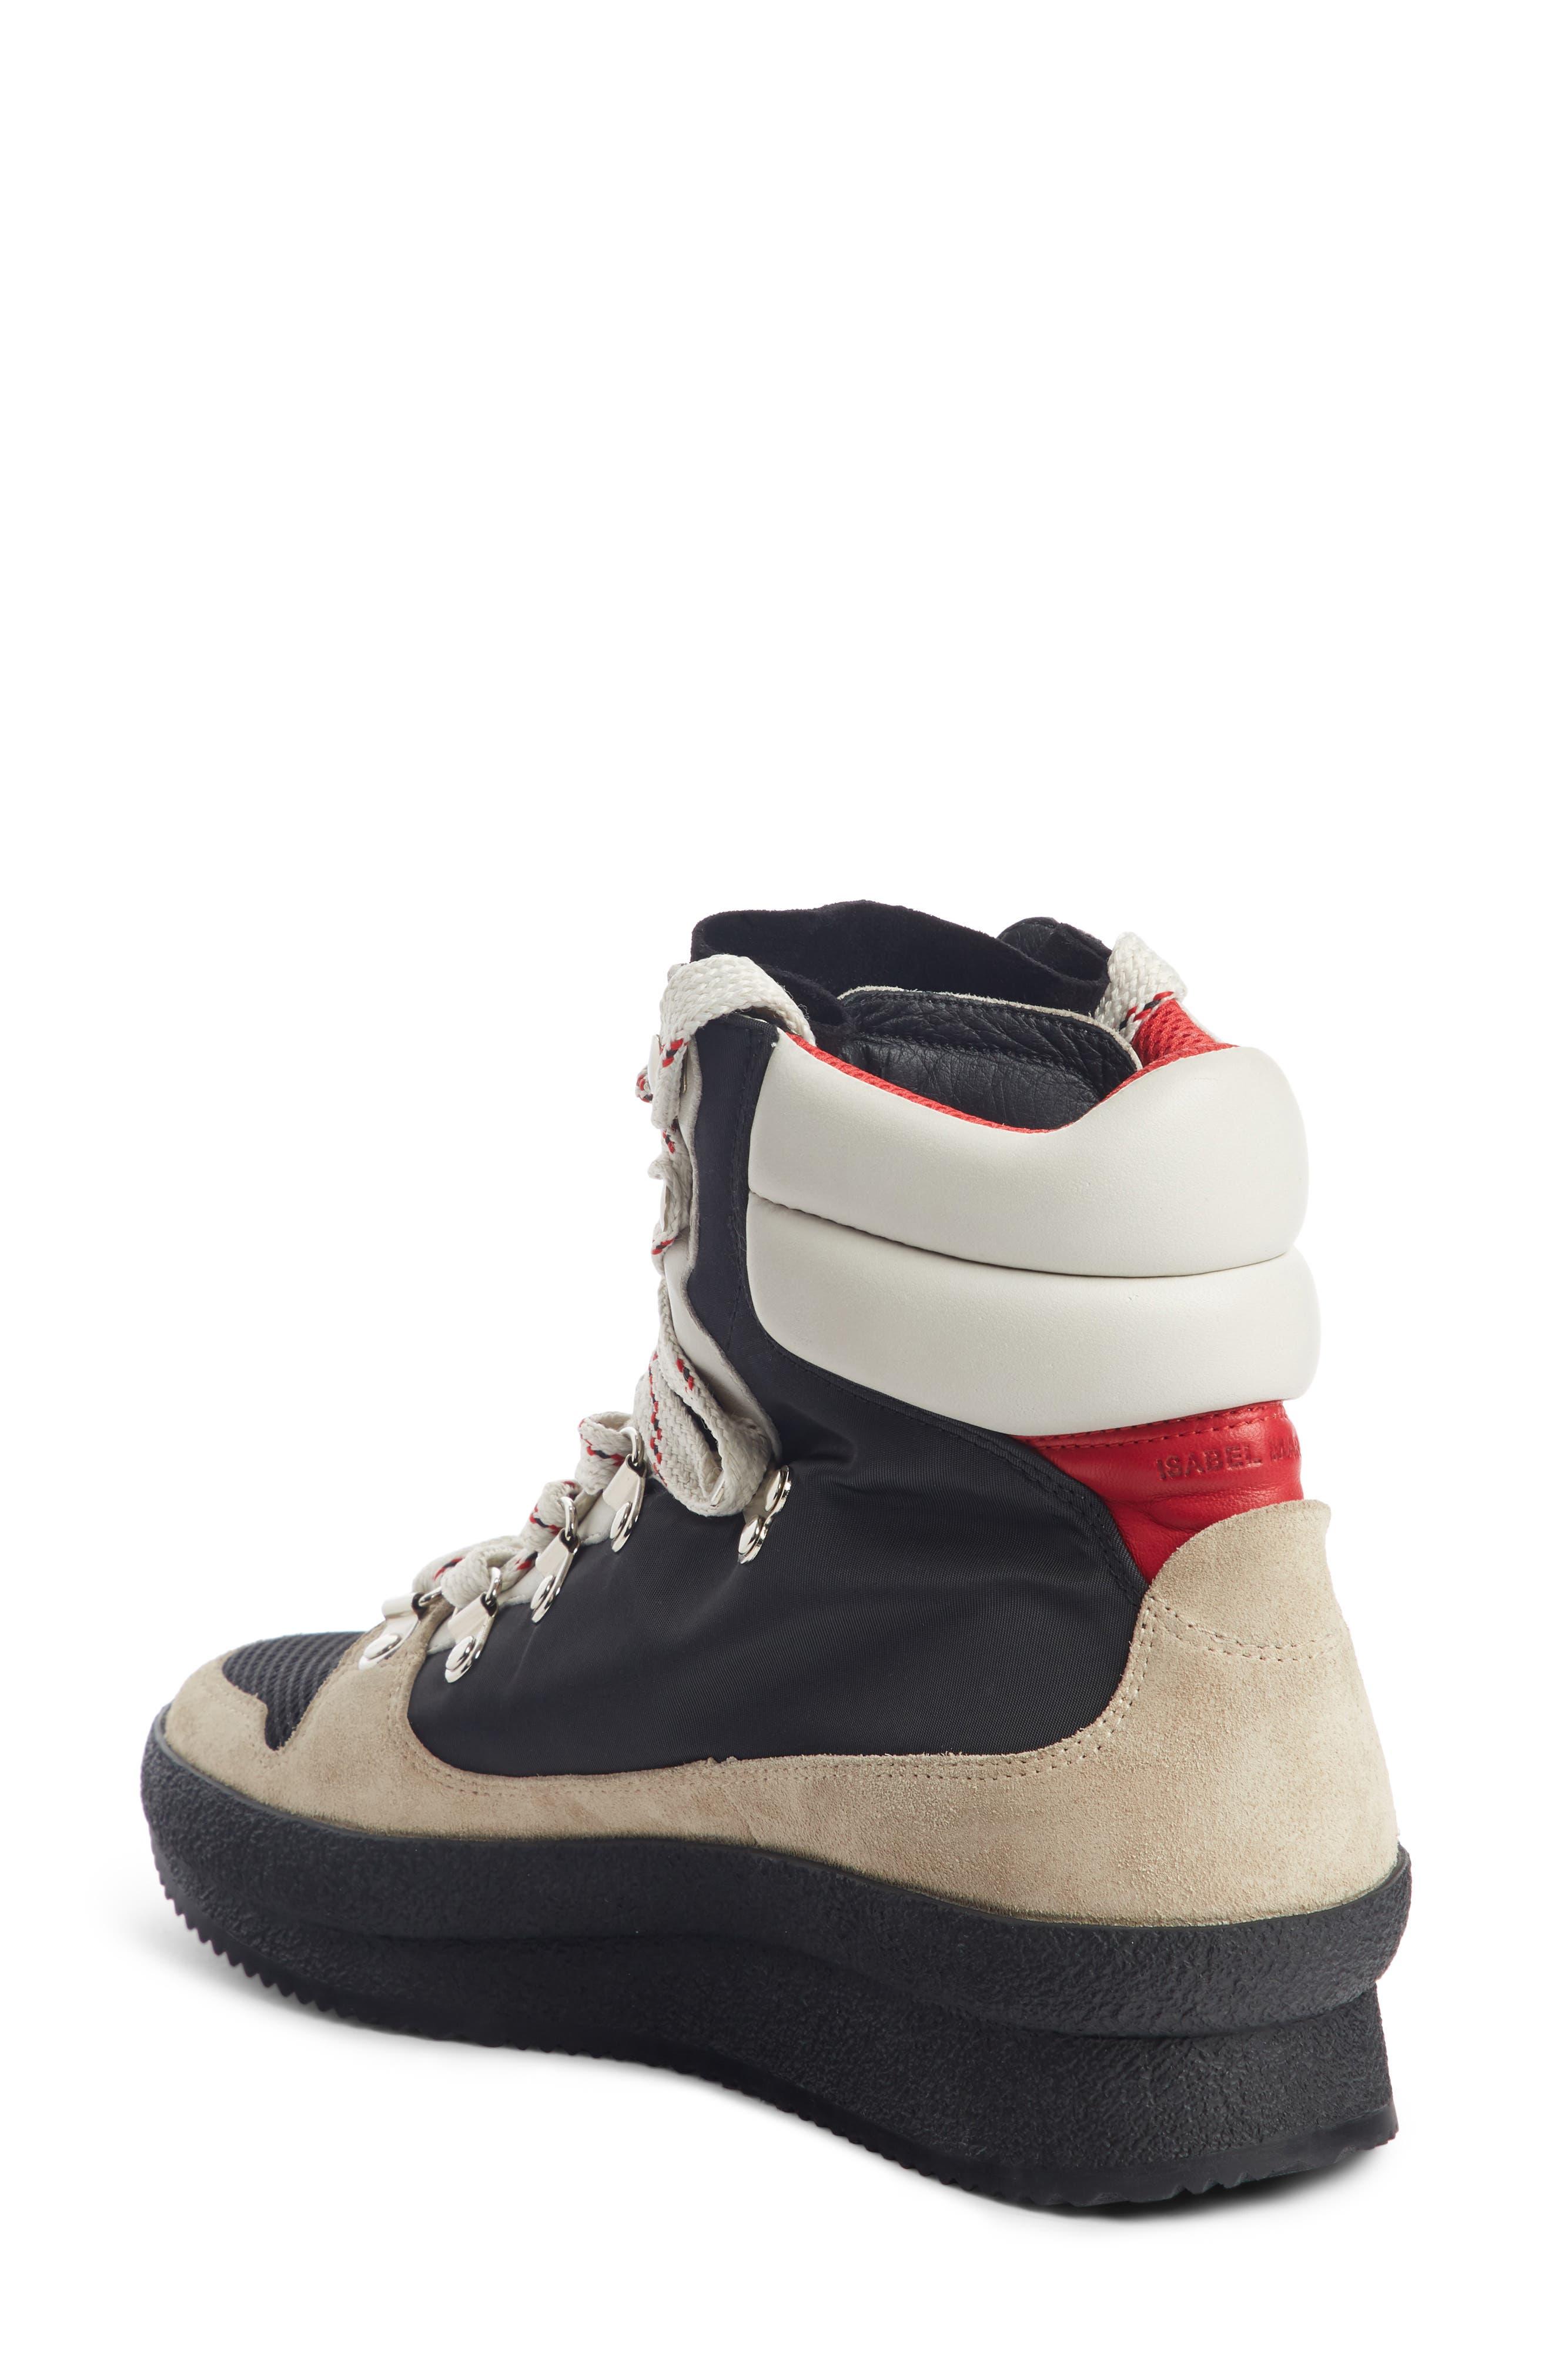 Isabel Marant Women's Brendta High Top Sneaker Boot MrzOcY